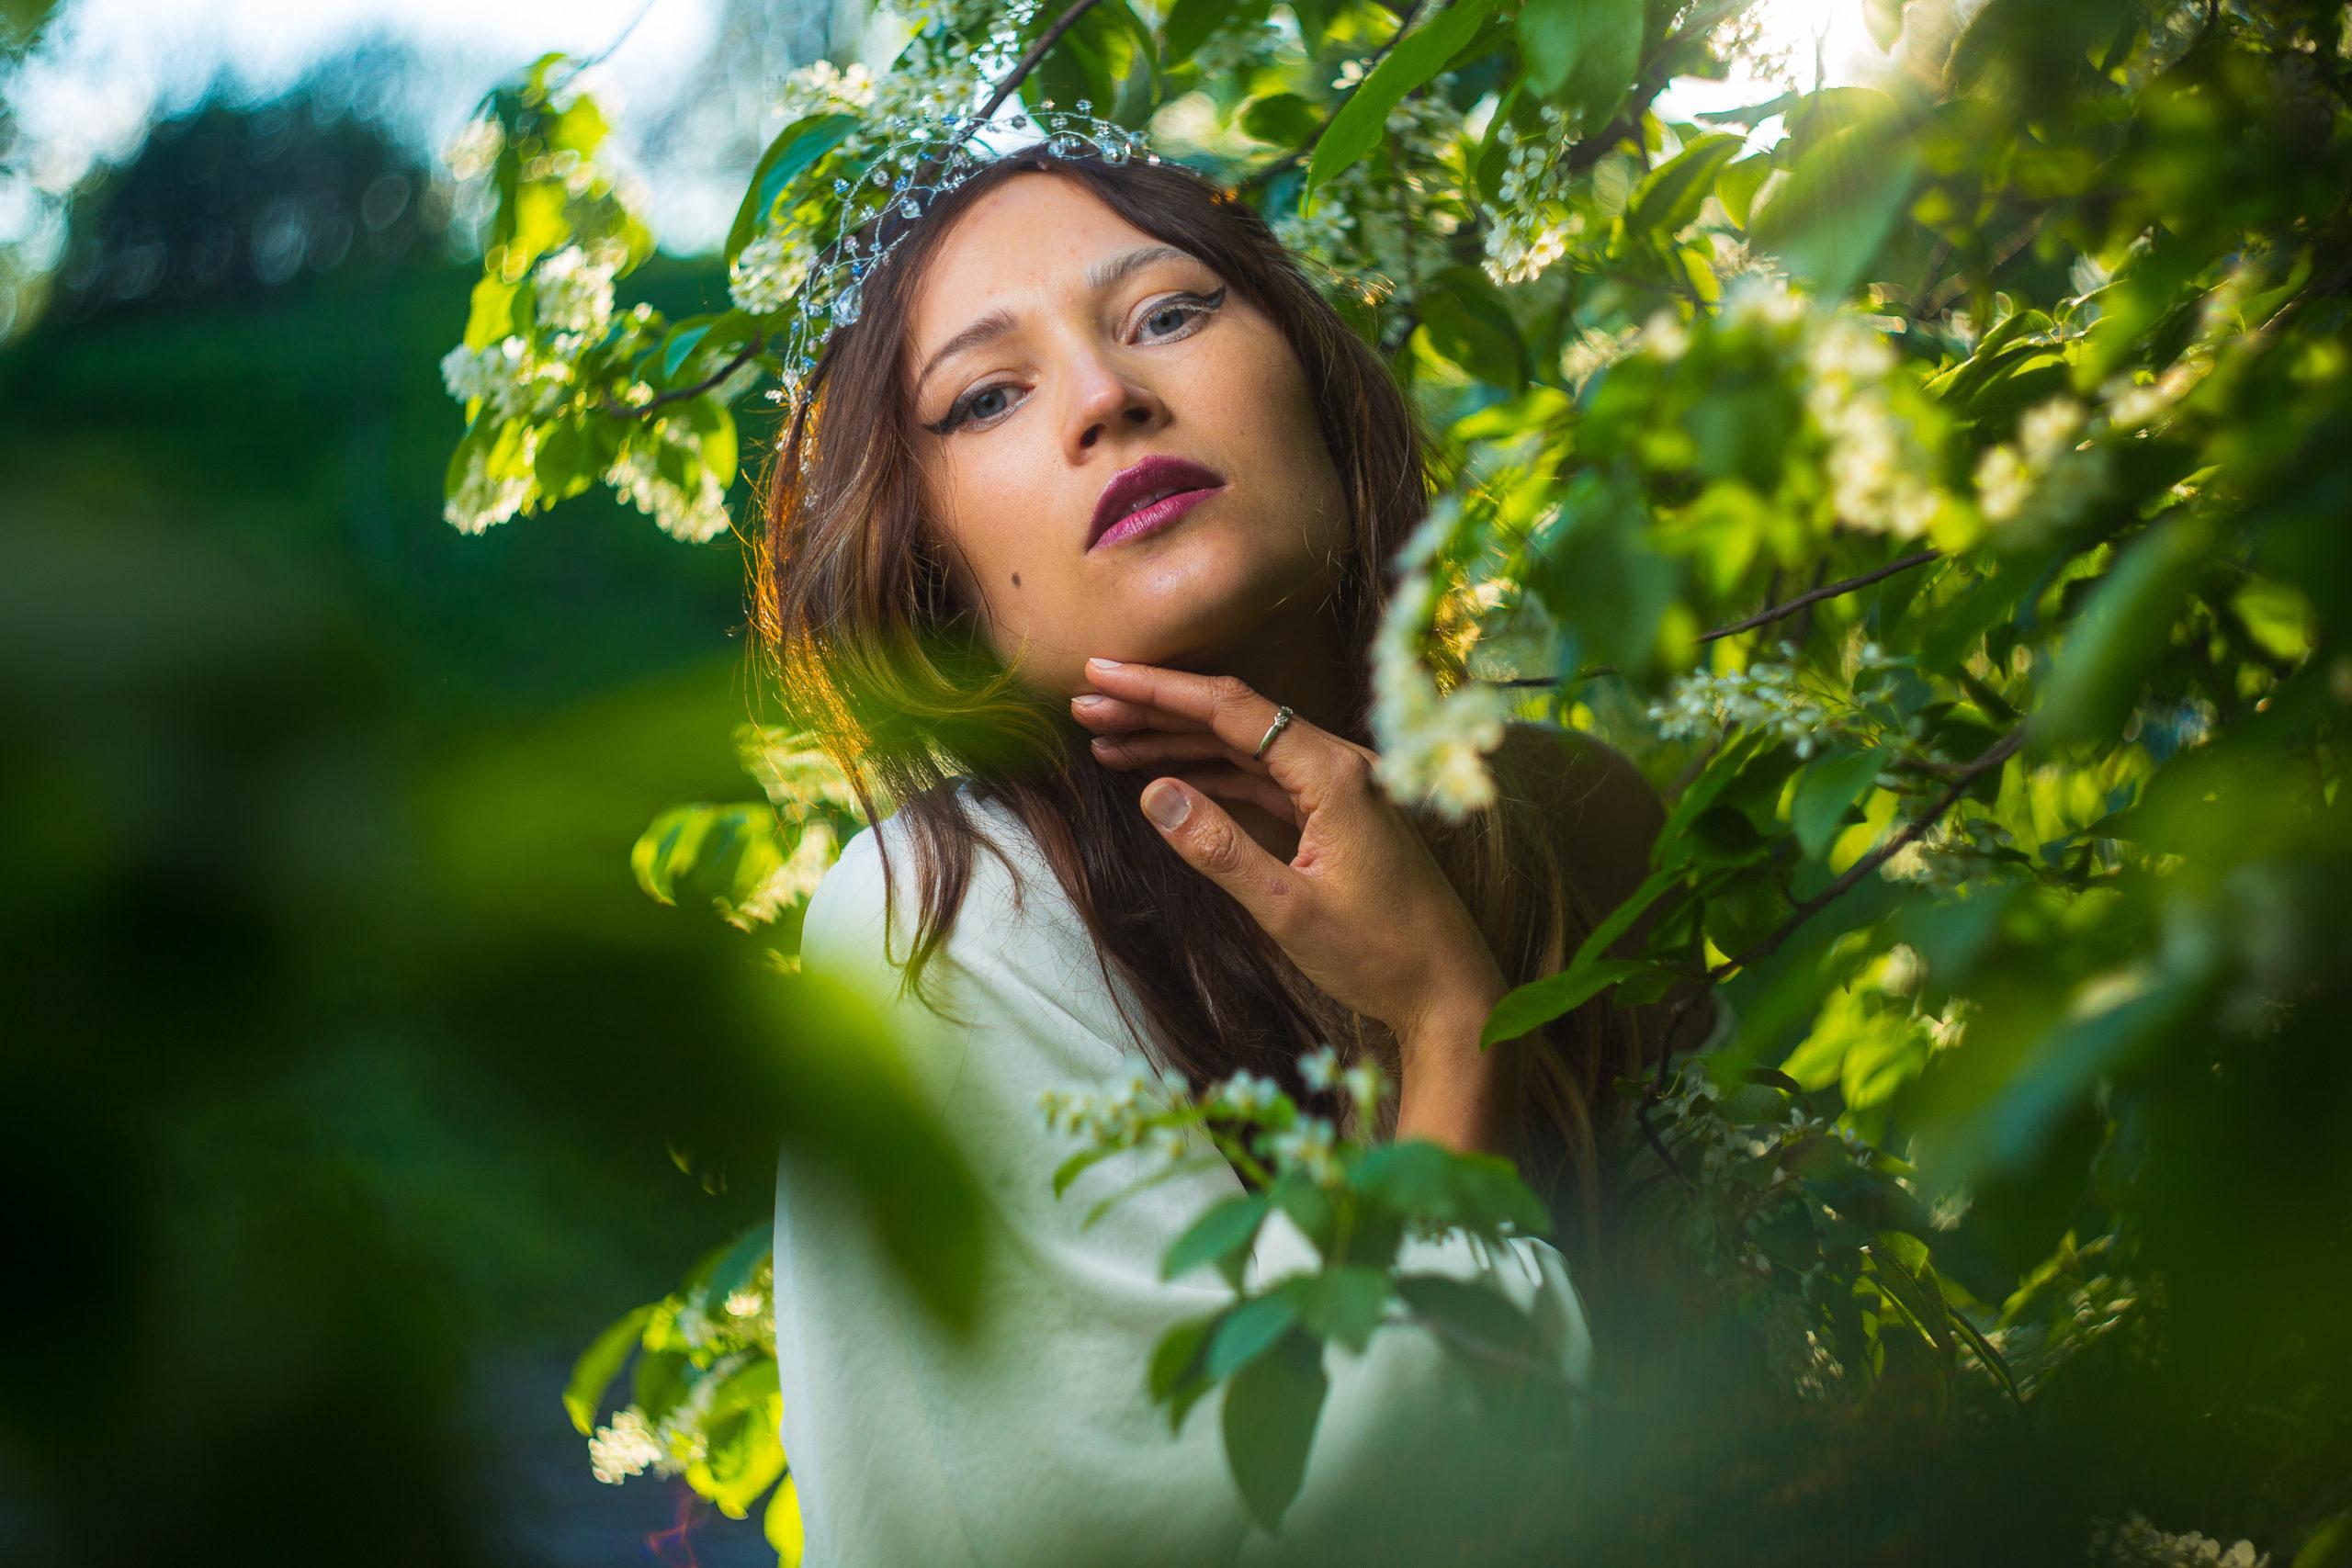 """Український музичний бренд """"SANTA TAKA"""" презентував новий сингл """"Птаха"""". У чому його особливість —розповідаємо у статті."""